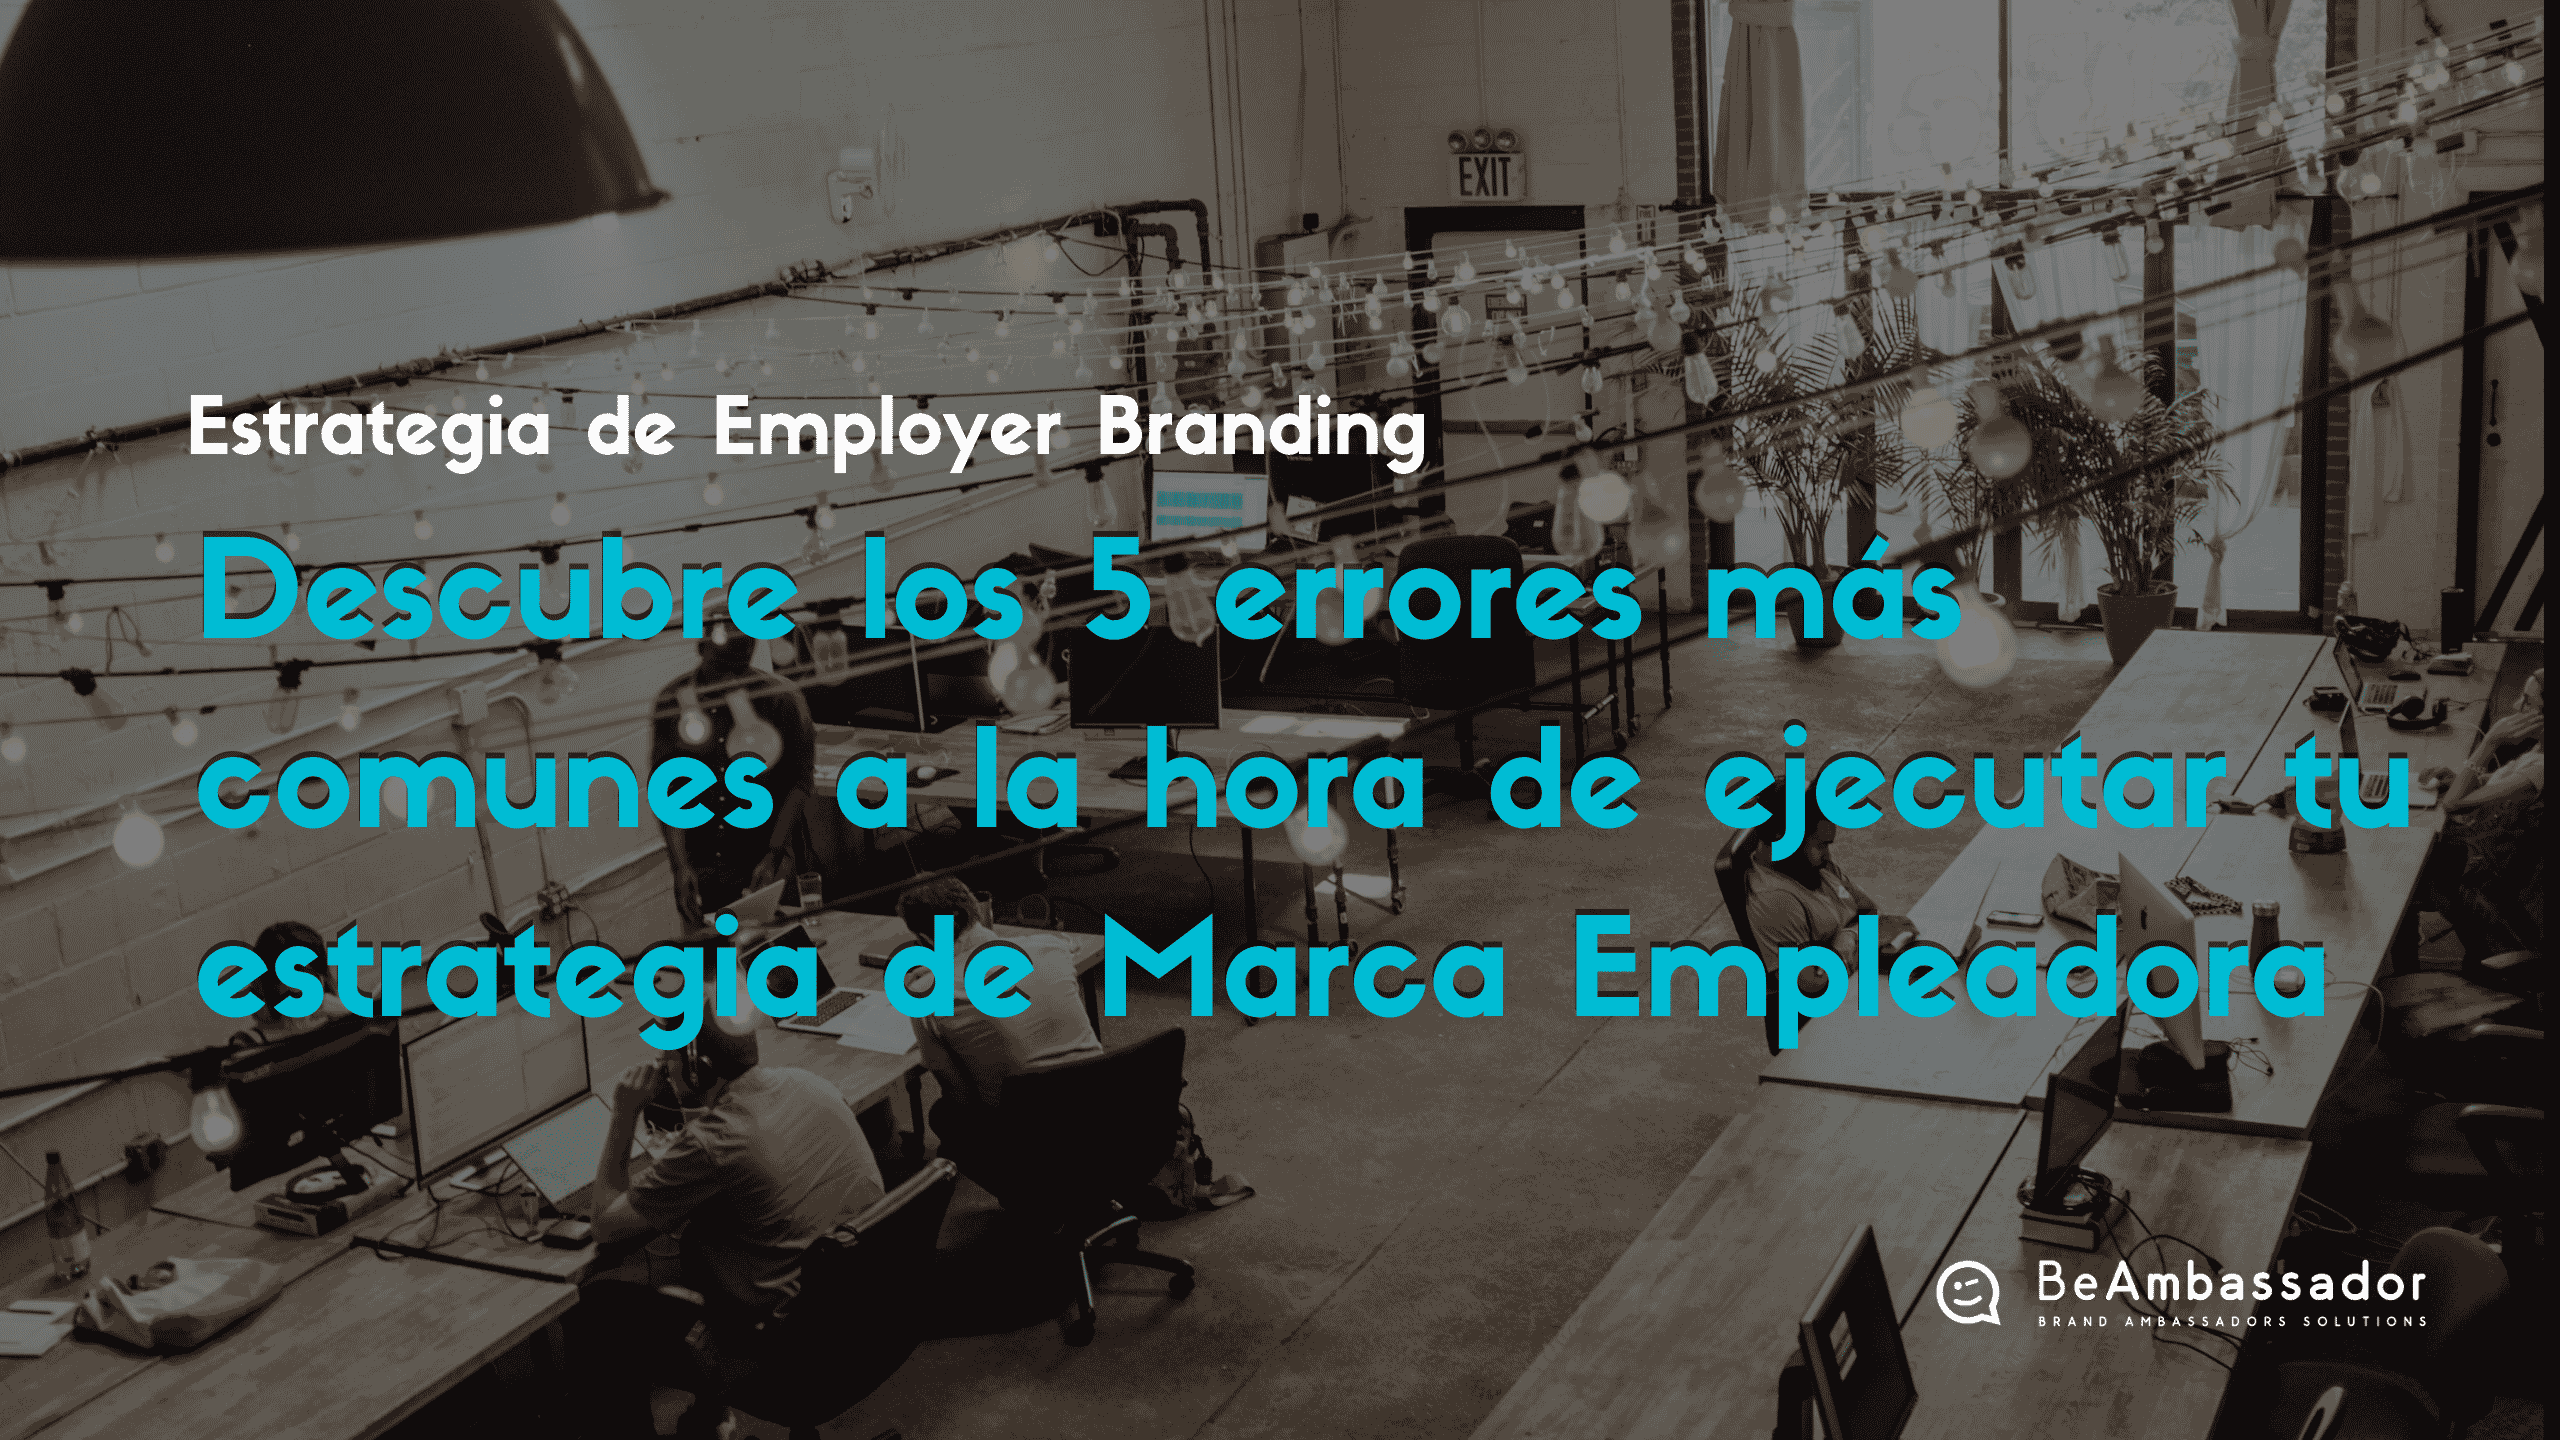 Descubre los errores más comunes a la hora de ejecutar una estrategia de Employer Branding